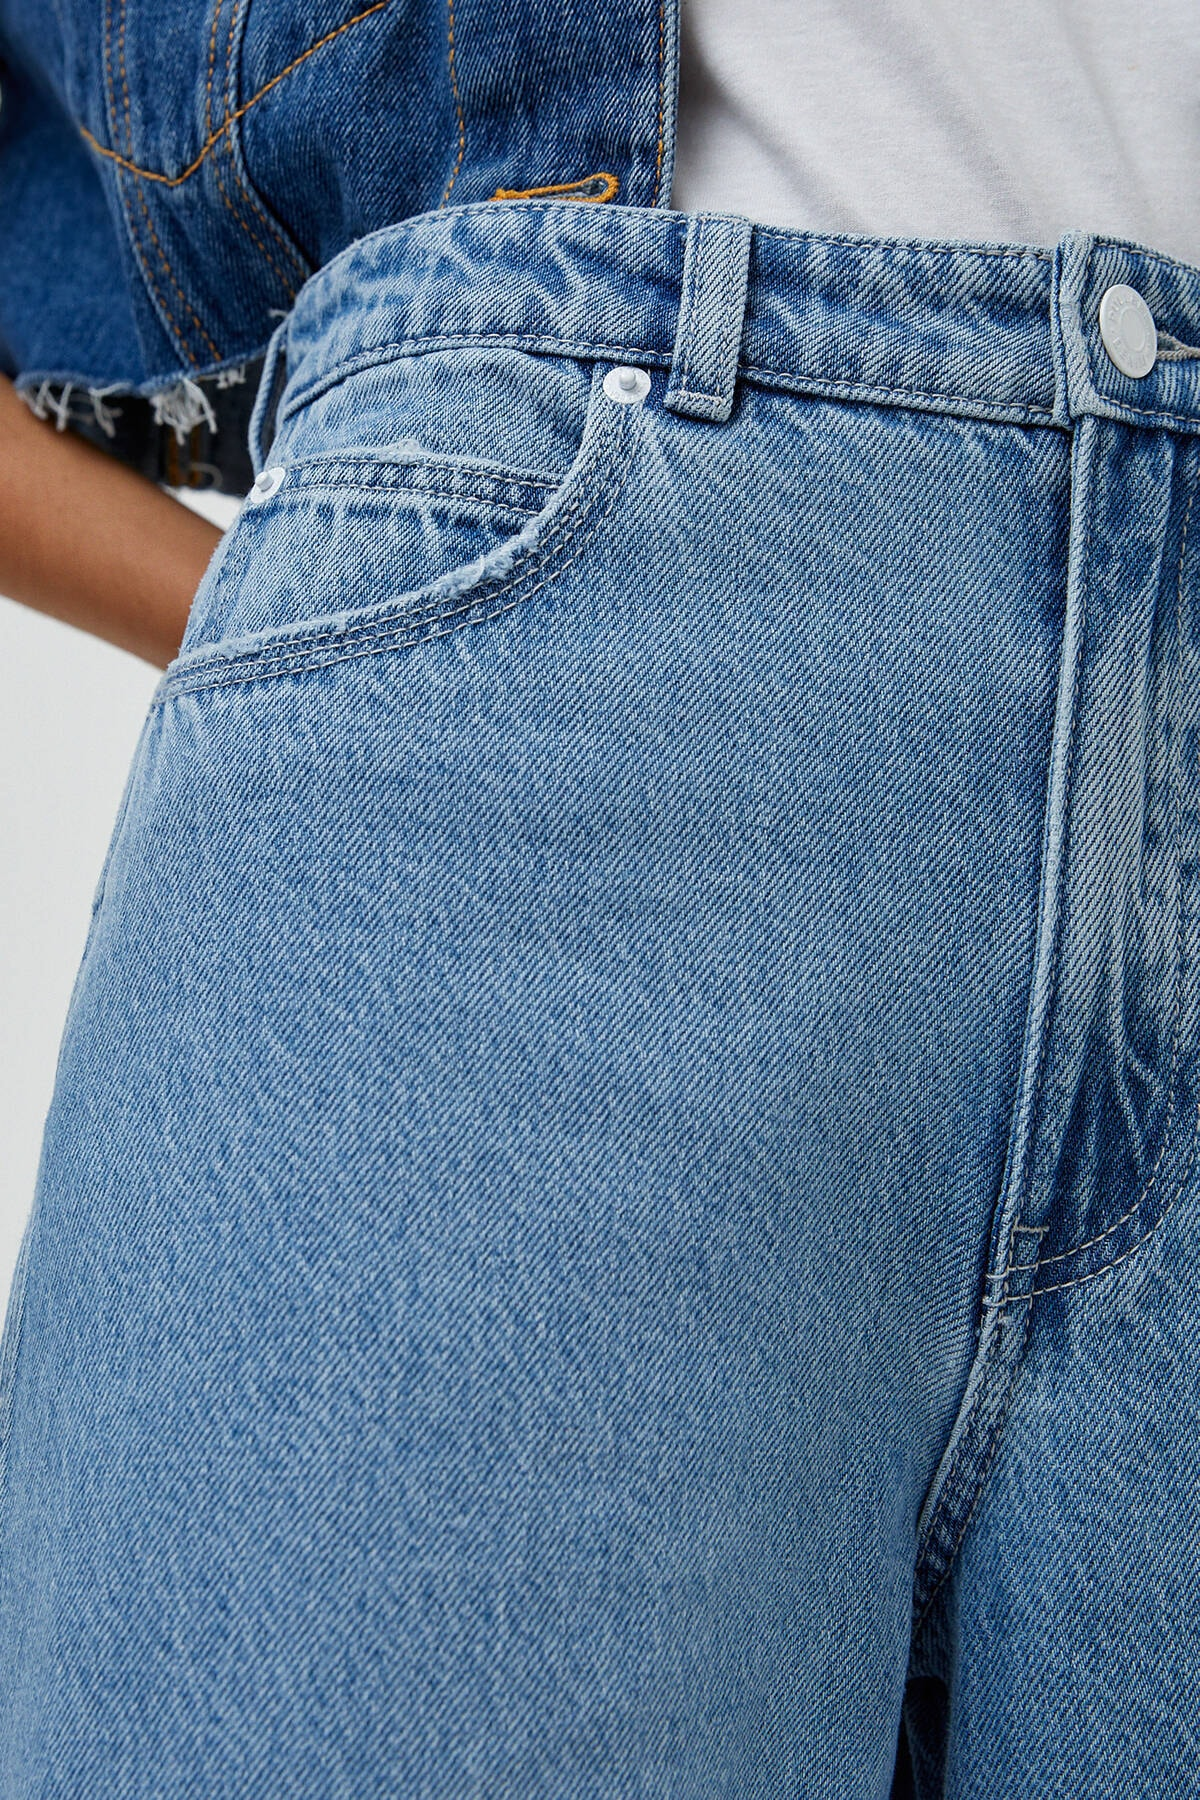 Pull & Bear Kadın Orta Mavi Yüksek Bel Geniş Paça Jean 04685302 2